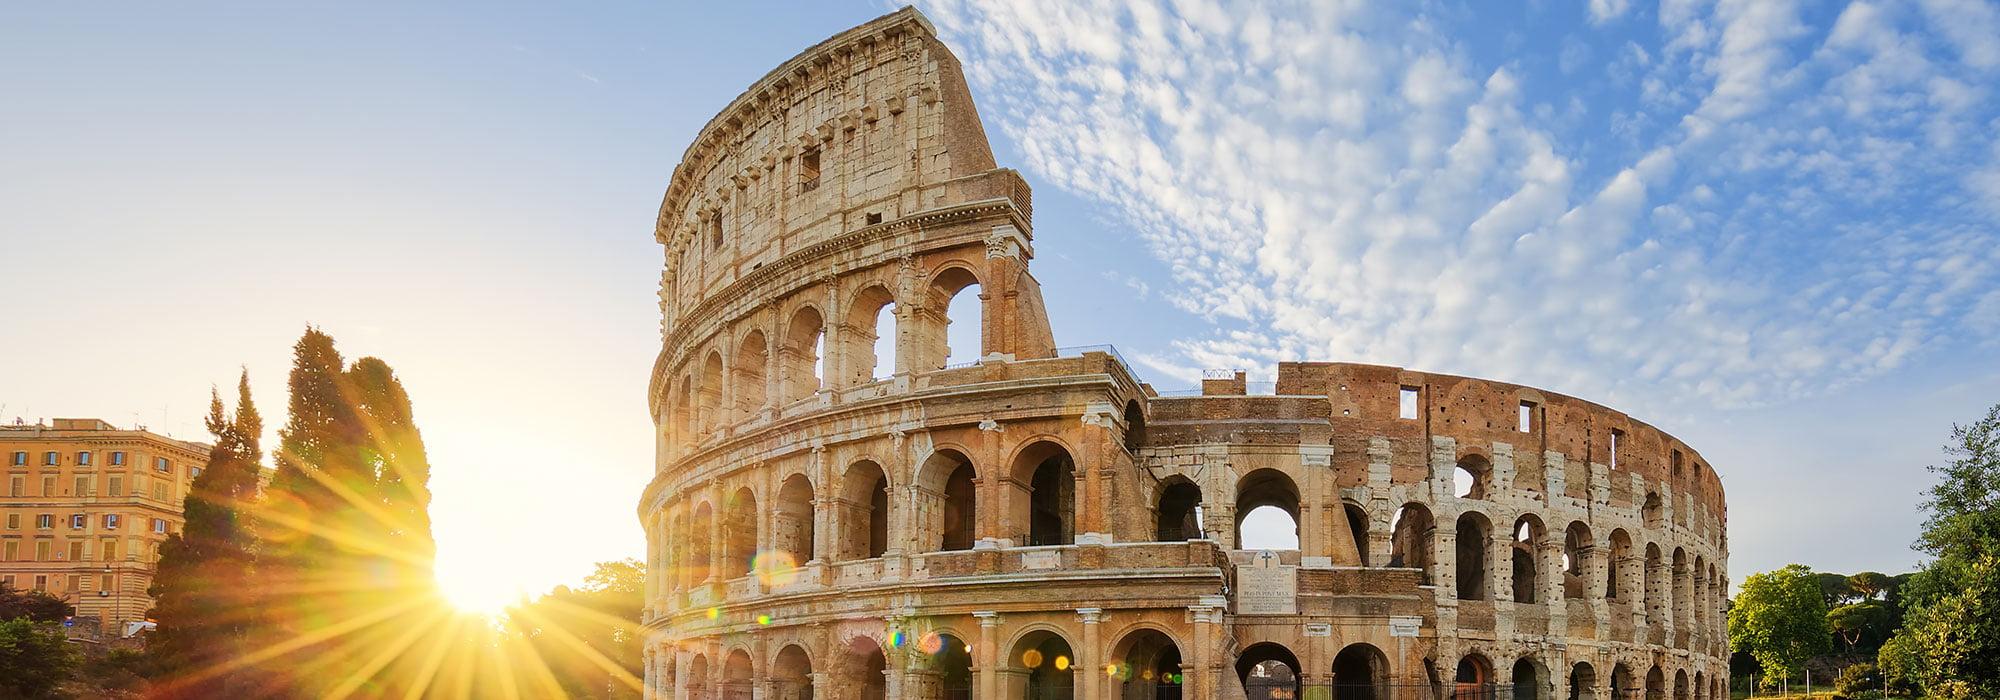 Kolloseum in Rom